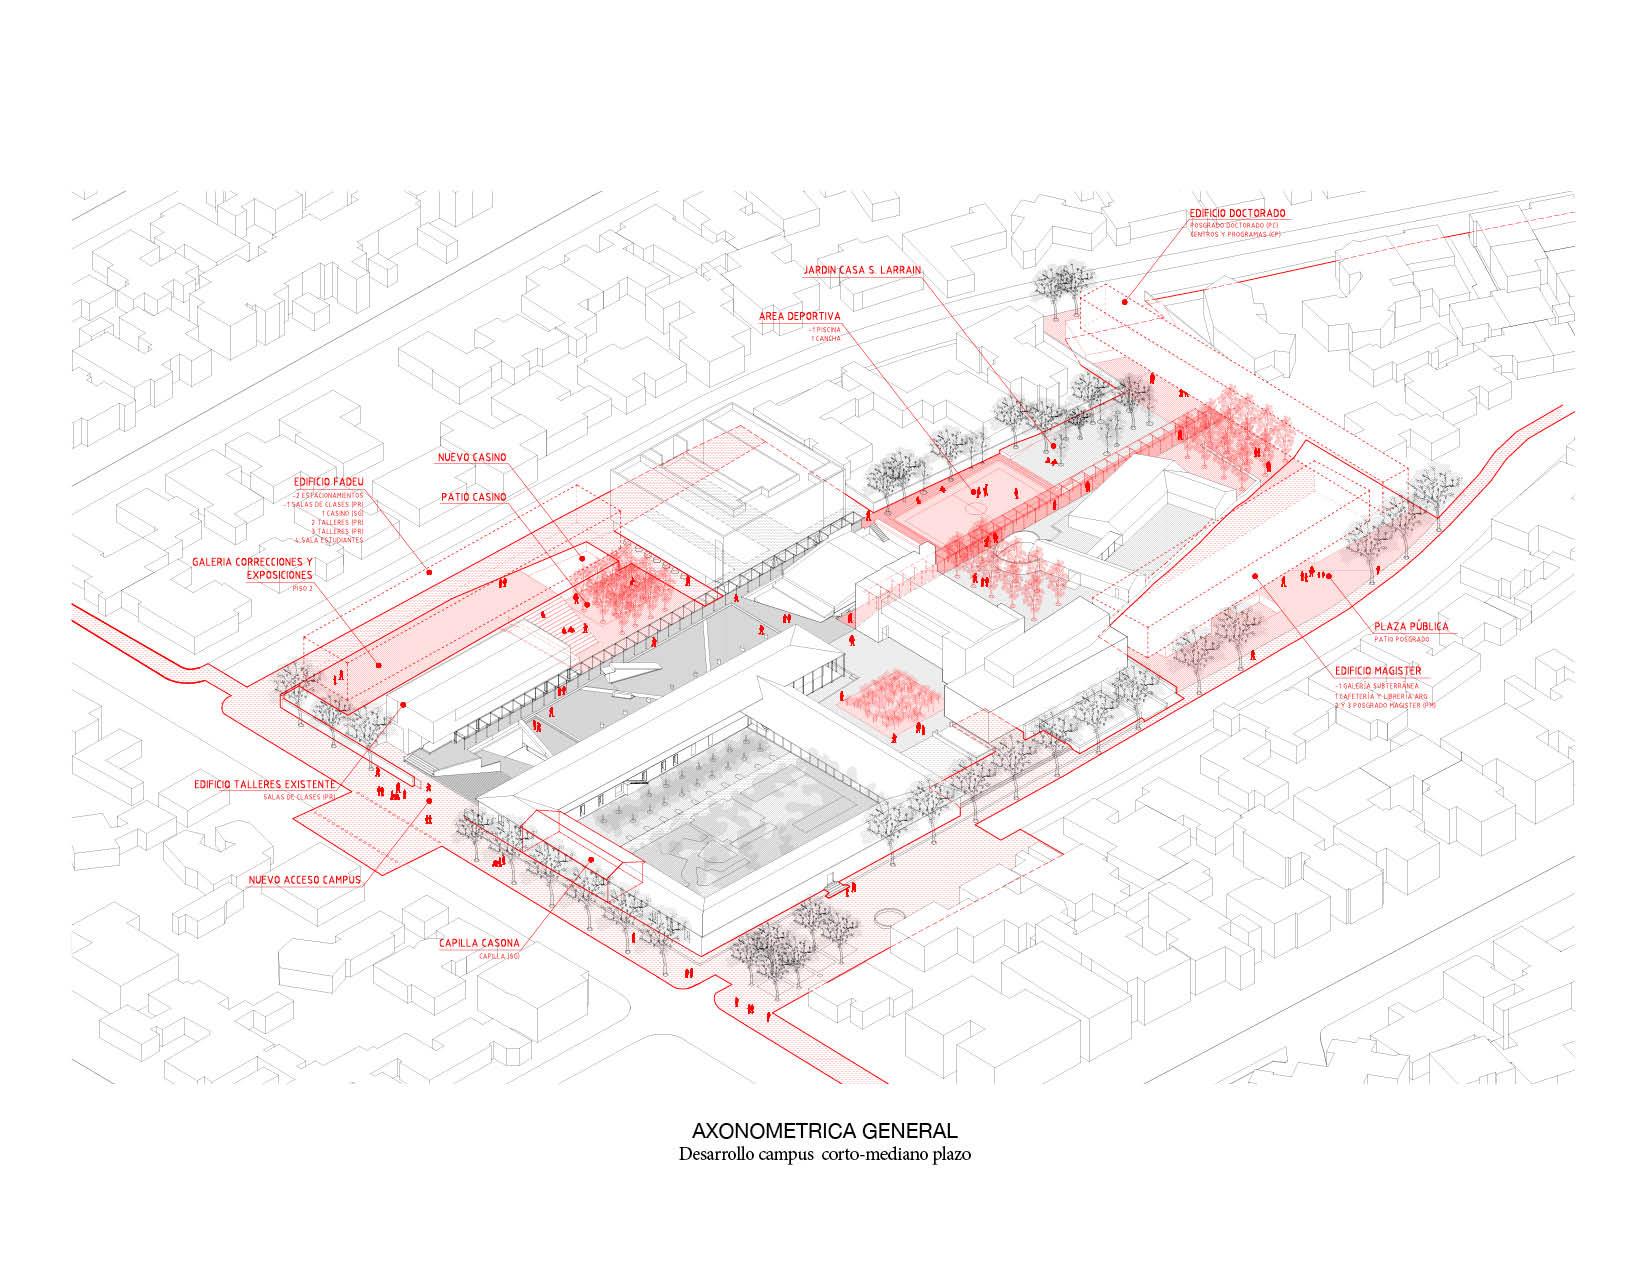 Beals + Lyon Arquitectos, primer lugar en concurso de plan maestro del campus Lo Contador / Chile, Axonométrica general